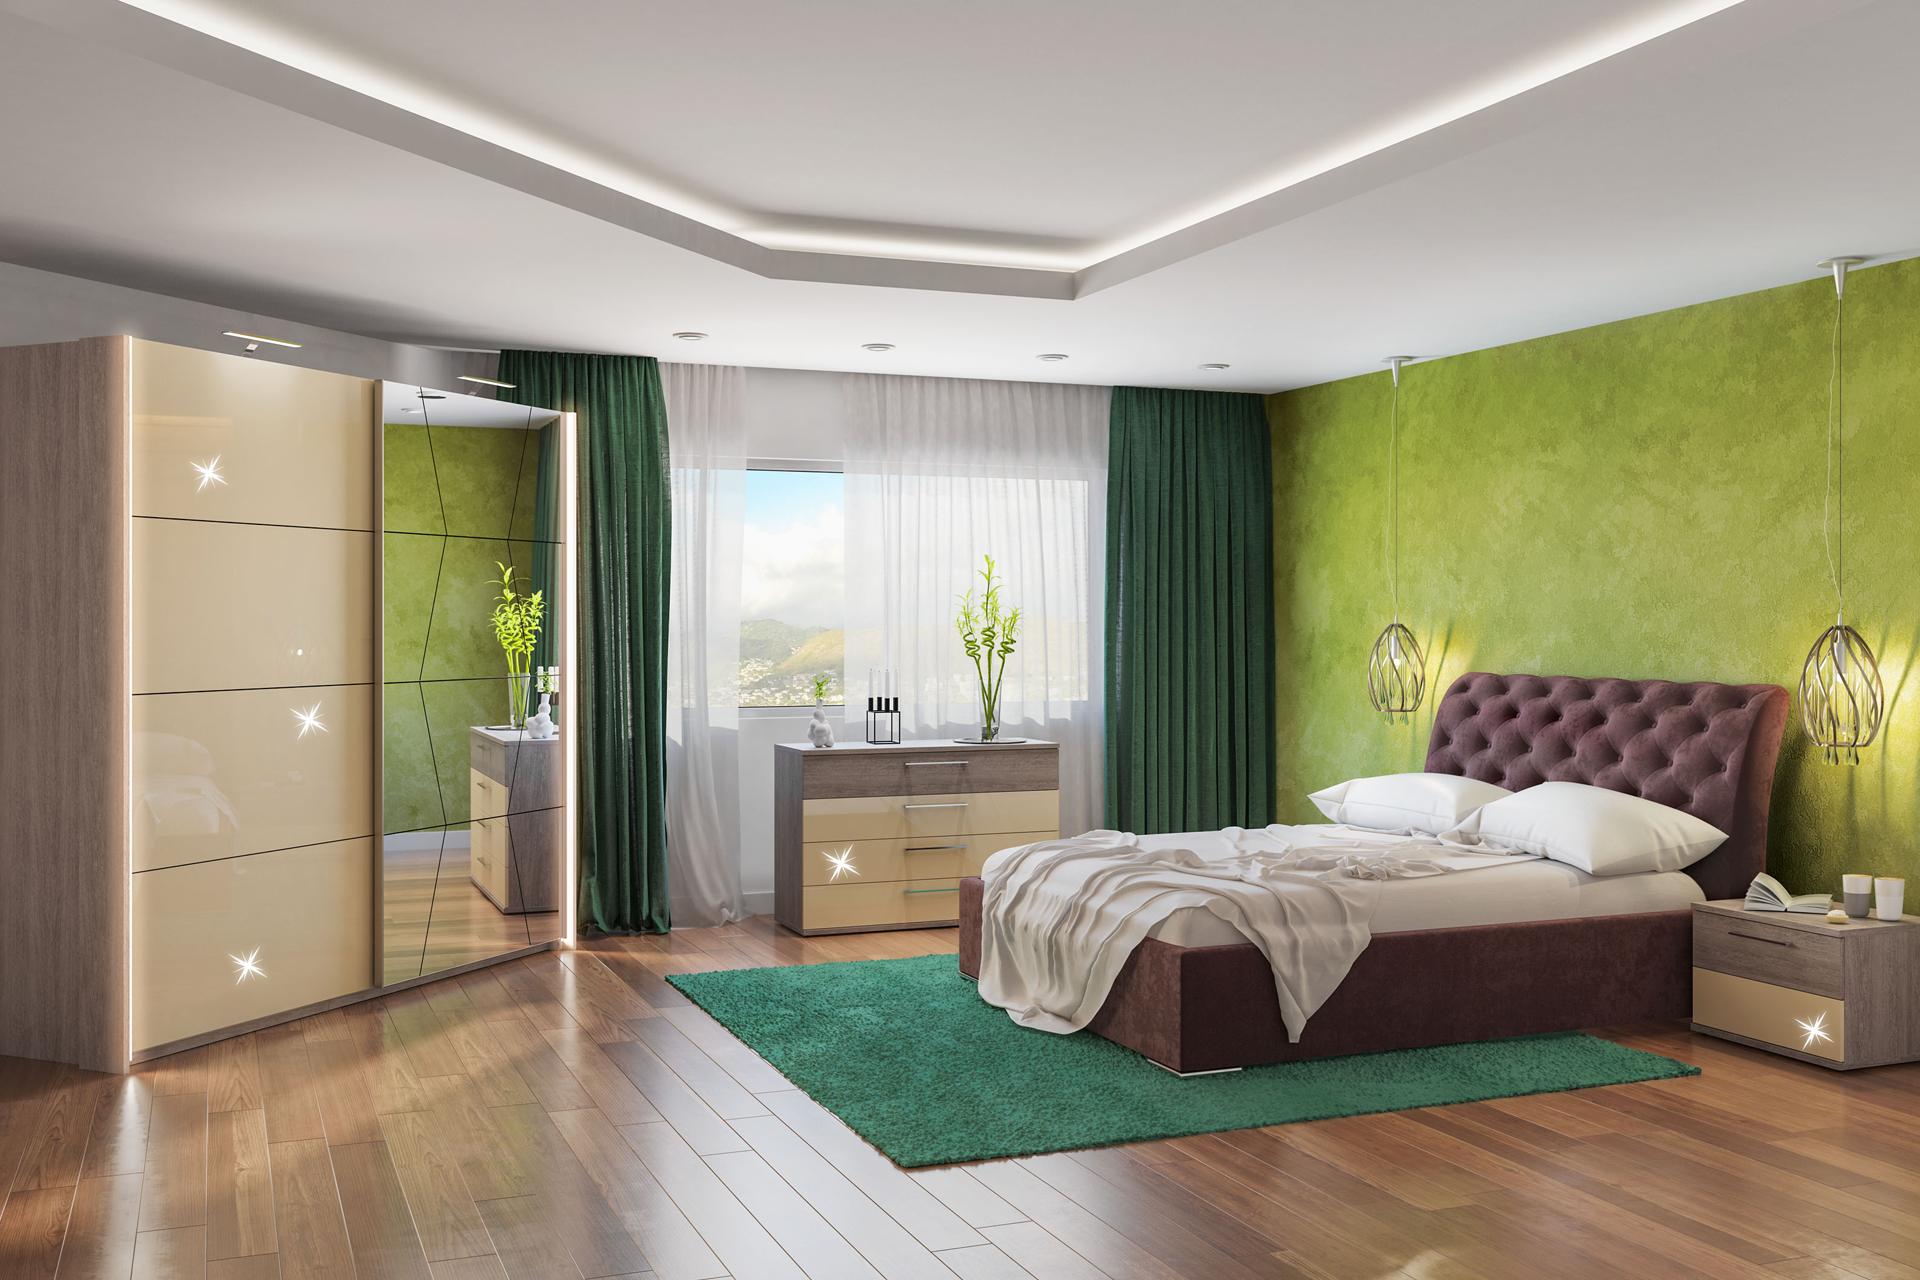 4 detalii care transformă un dormitor banal într-unul rafinat